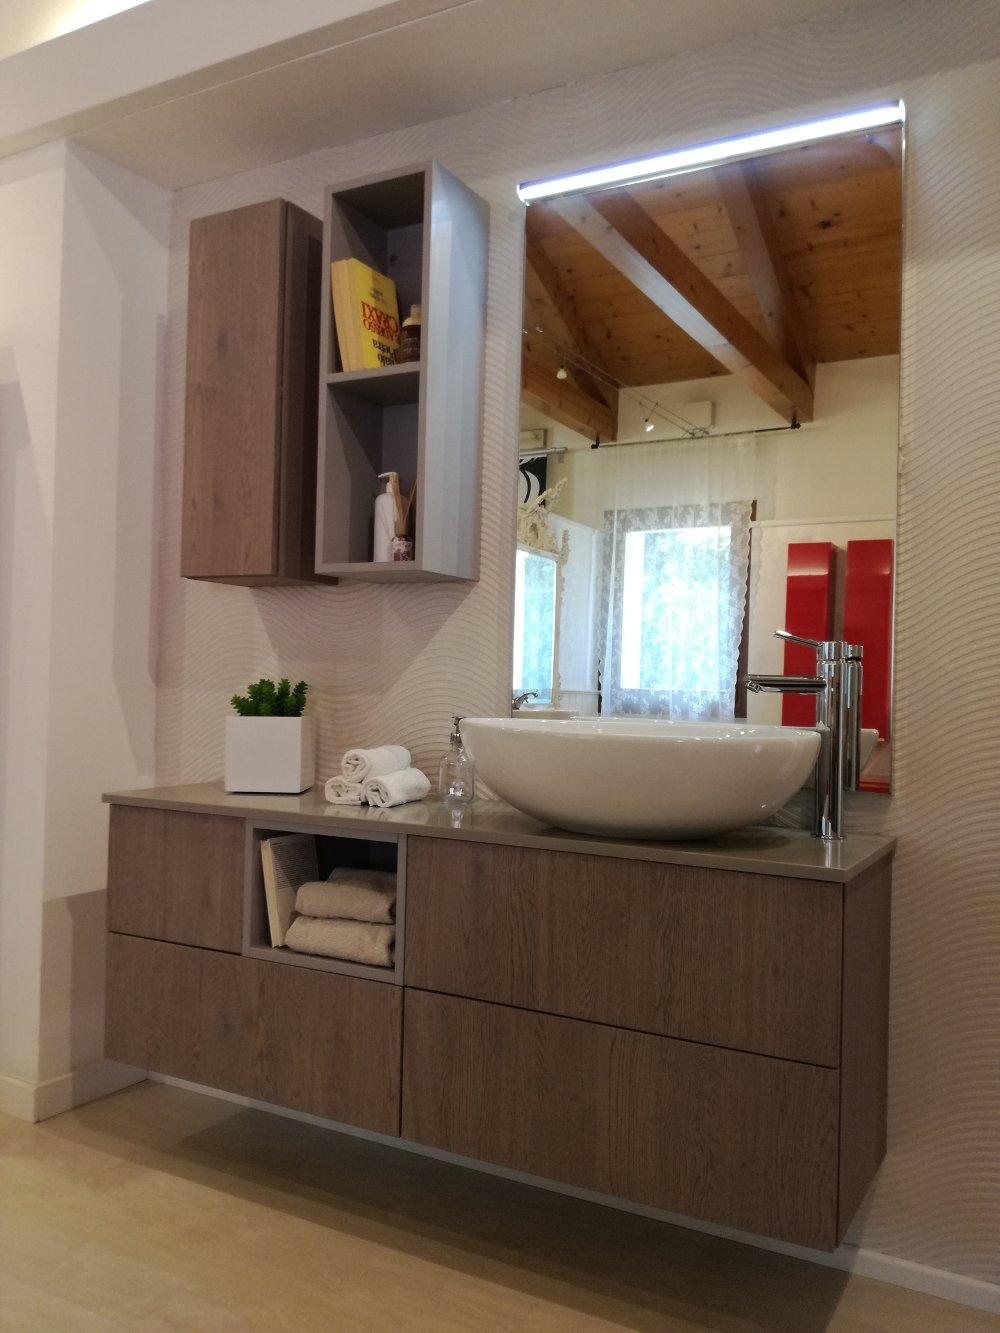 Elegant with bagno effetto legno - Bagno con gres effetto legno ...